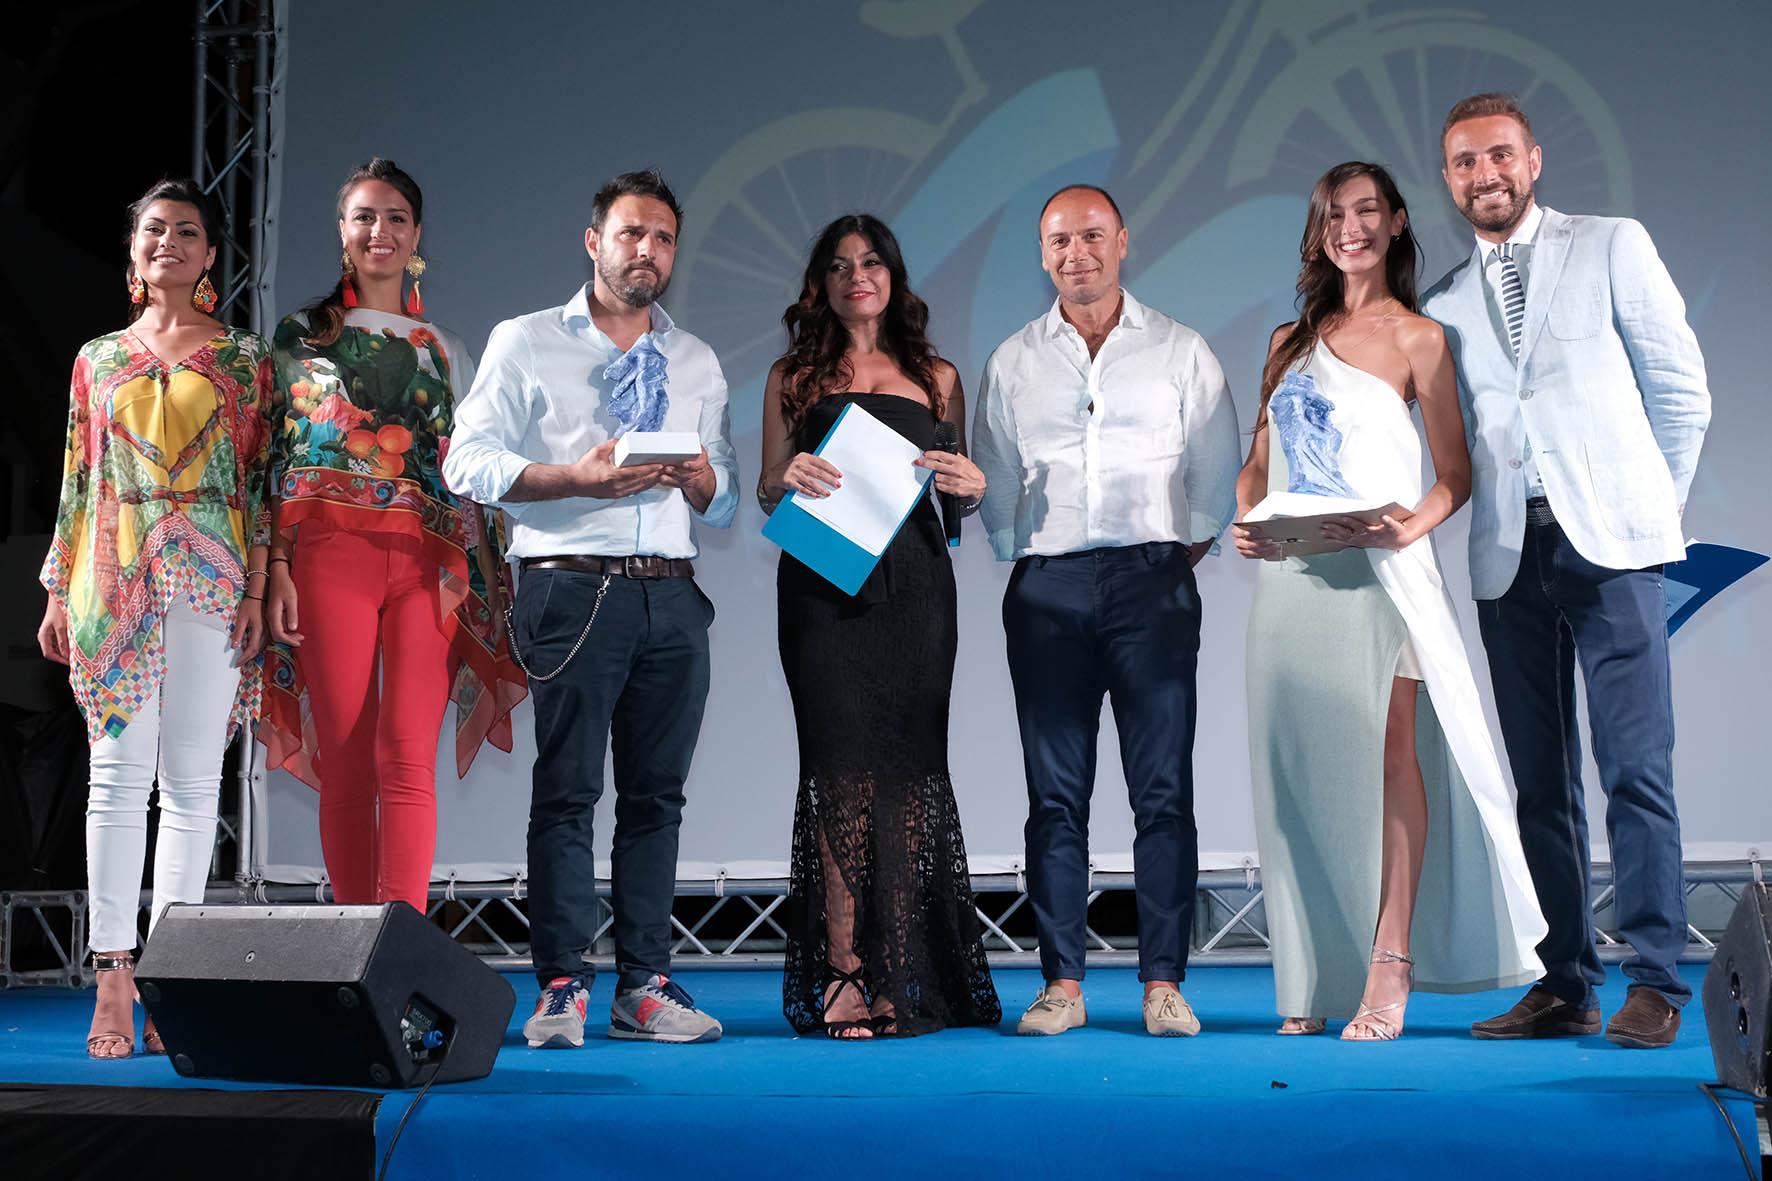 Fausto Brizzi e Tony Sperandeo omaggiano  Carlo Vanzina al MareFestival Salina